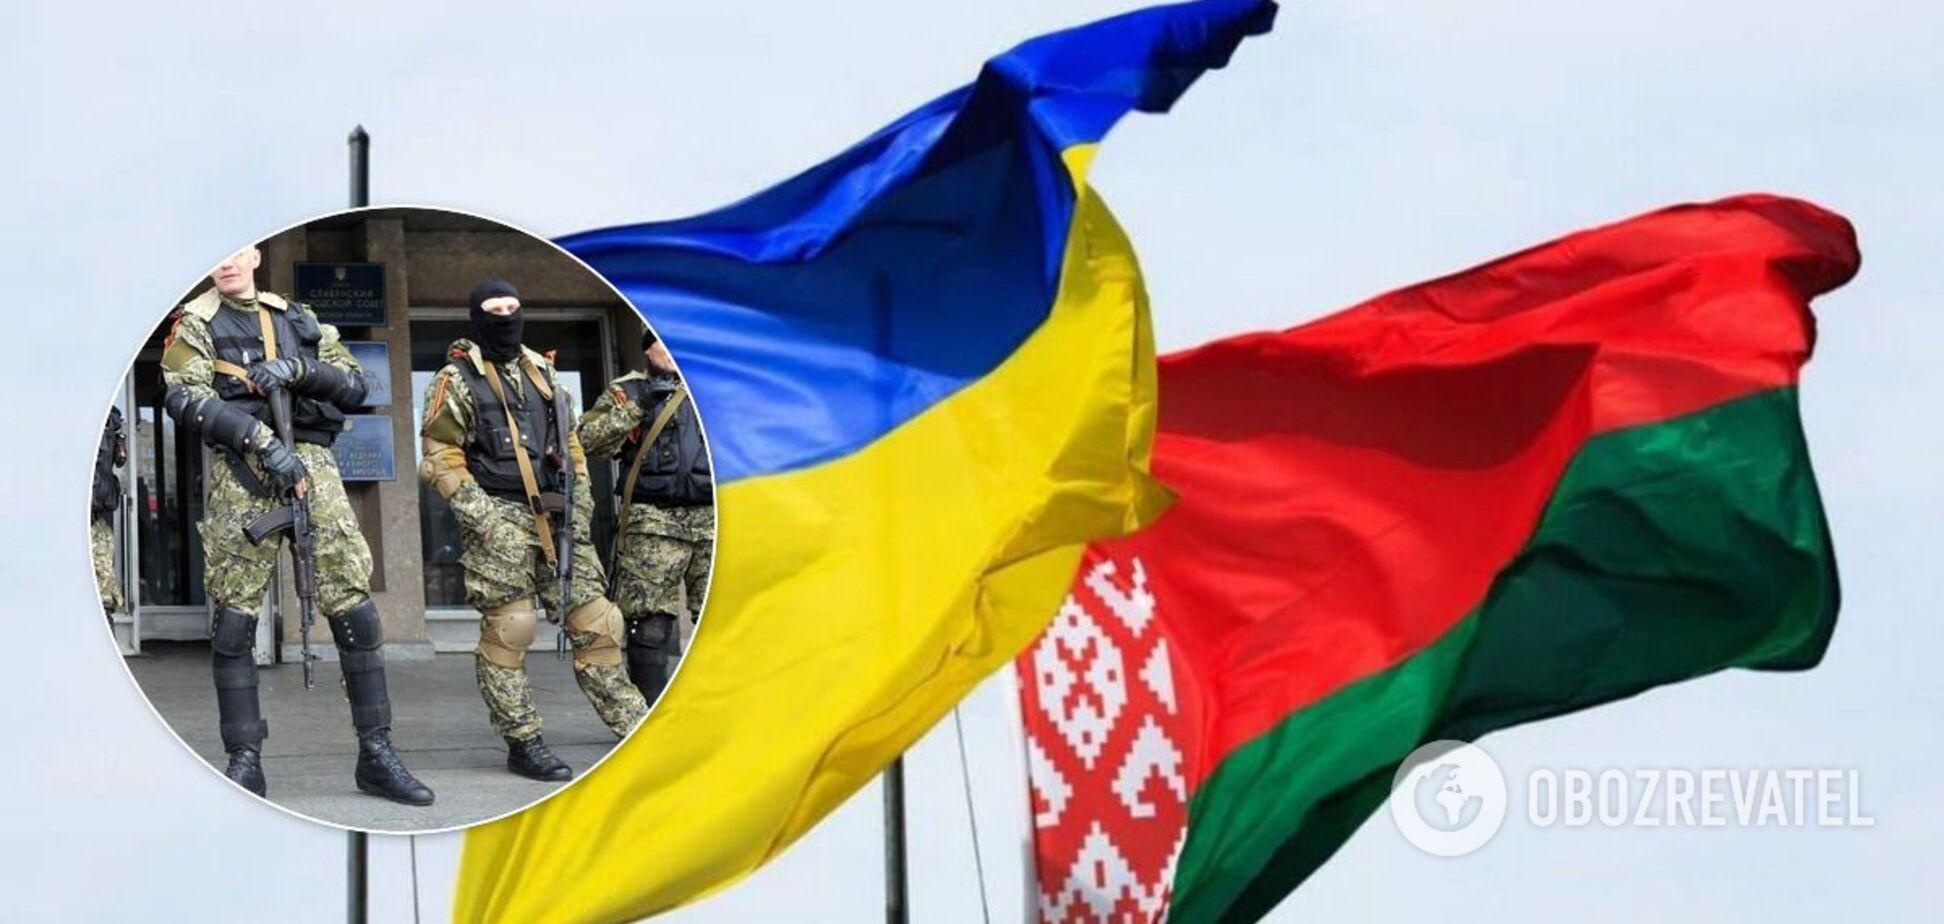 Среди задержанных боевиков группы Вагнера есть украинцы, их хотят экстрадировать